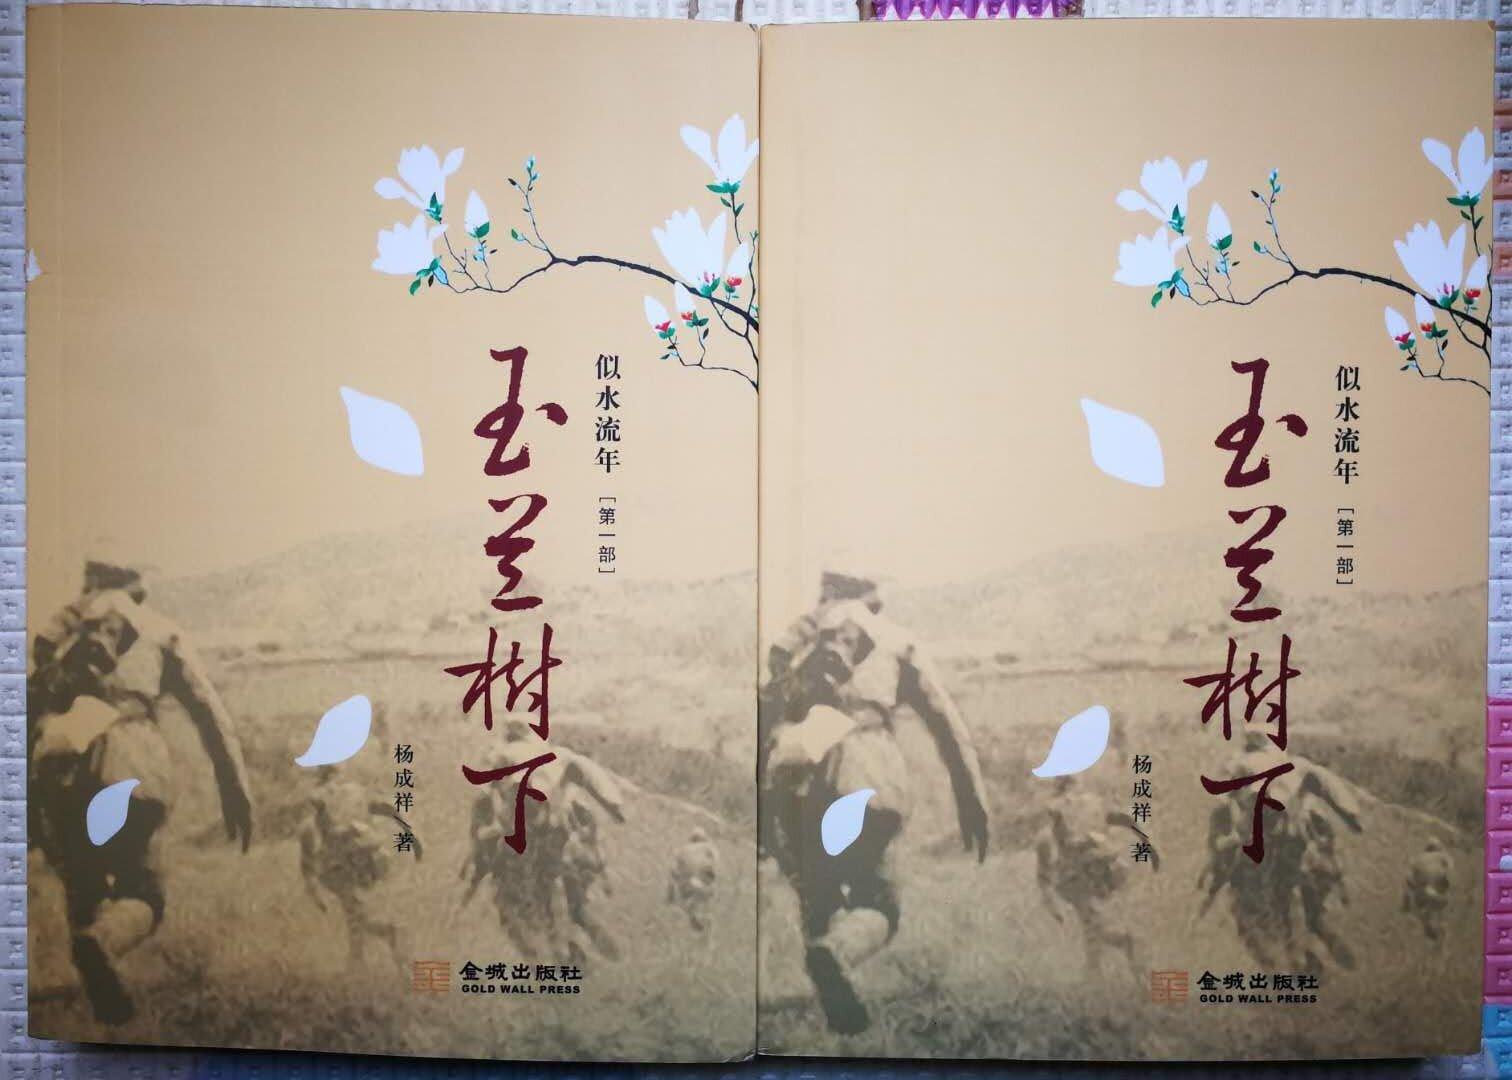 七旬铁路工人写就26万字长篇小说《玉兰树下》